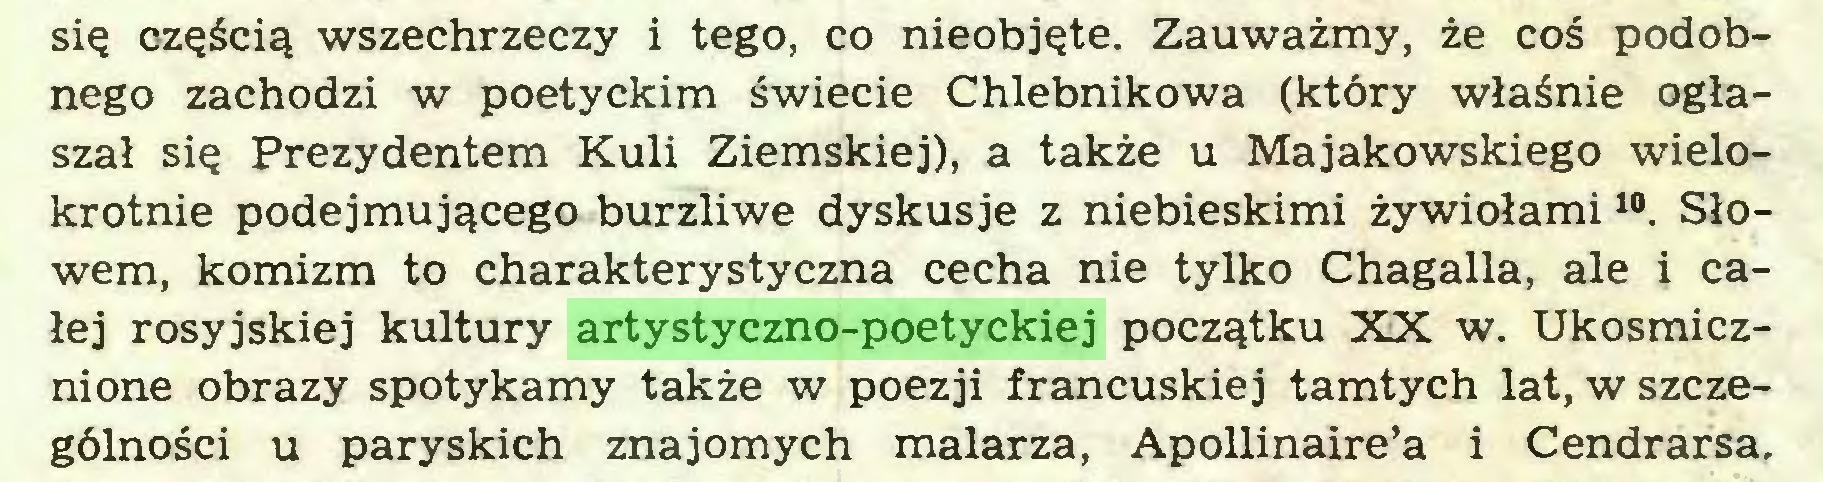 (...) się częścią wszechrzeczy i tego, co nieobjęte. Zauważmy, że coś podobnego zachodzi w poetyckim świecie Chlebnikowa (który właśnie ogłaszał się Prezydentem Kuli Ziemskiej), a także u Majakowskiego wielokrotnie podejmującego burzliwe dyskusje z niebieskimi żywiołami10. Słowem, komizm to charakterystyczna cecha nie tylko Chagalla, ale i całej rosyjskiej kultury artystyczno-poetyckiej początku XX w. Ukosmicznione obrazy spotykamy także w poezji francuskiej tamtych lat, w szczególności u paryskich znajomych malarza, Apollinaire'a i Cendrarsa...